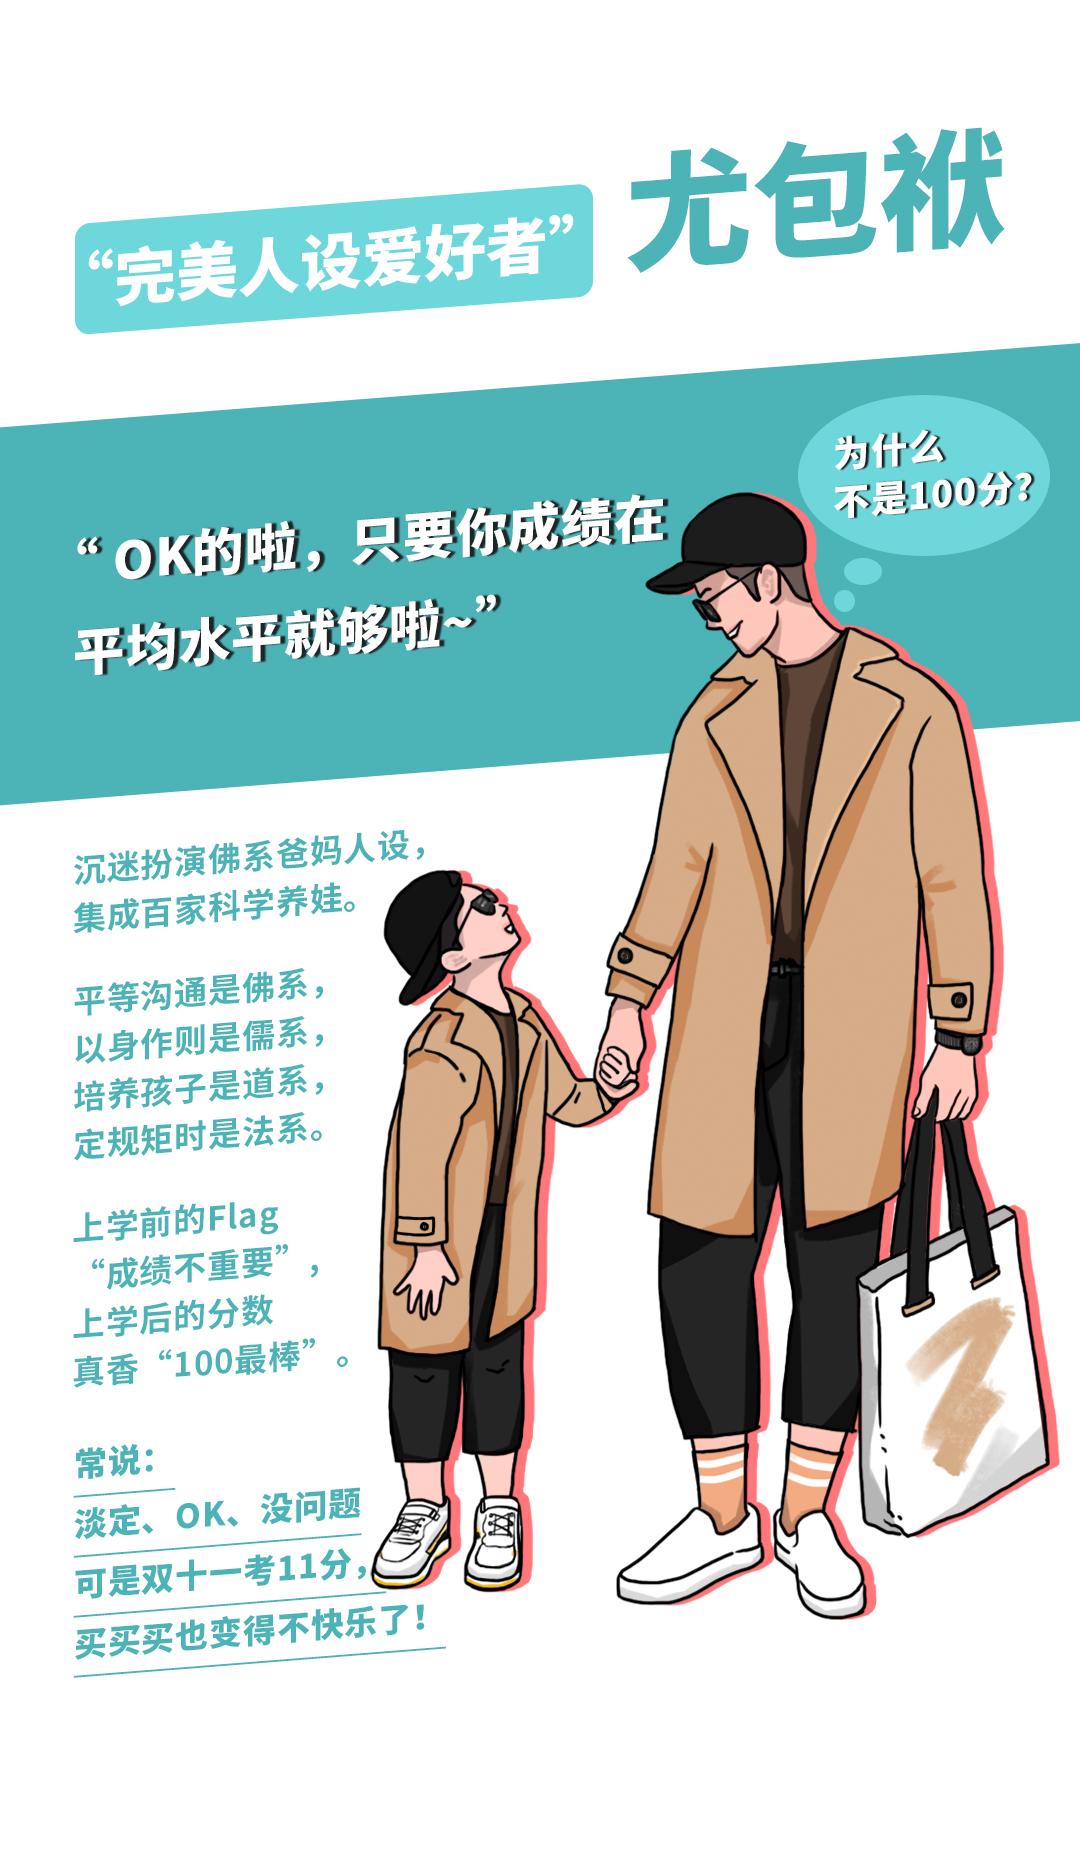 https://level8cases.oss-cn-hangzhou.aliyuncs.com/gmt推文配图-11.20-2.0_06-35a3cc06-d3b1-4cda-9f31-69096a4cd63b.jpg